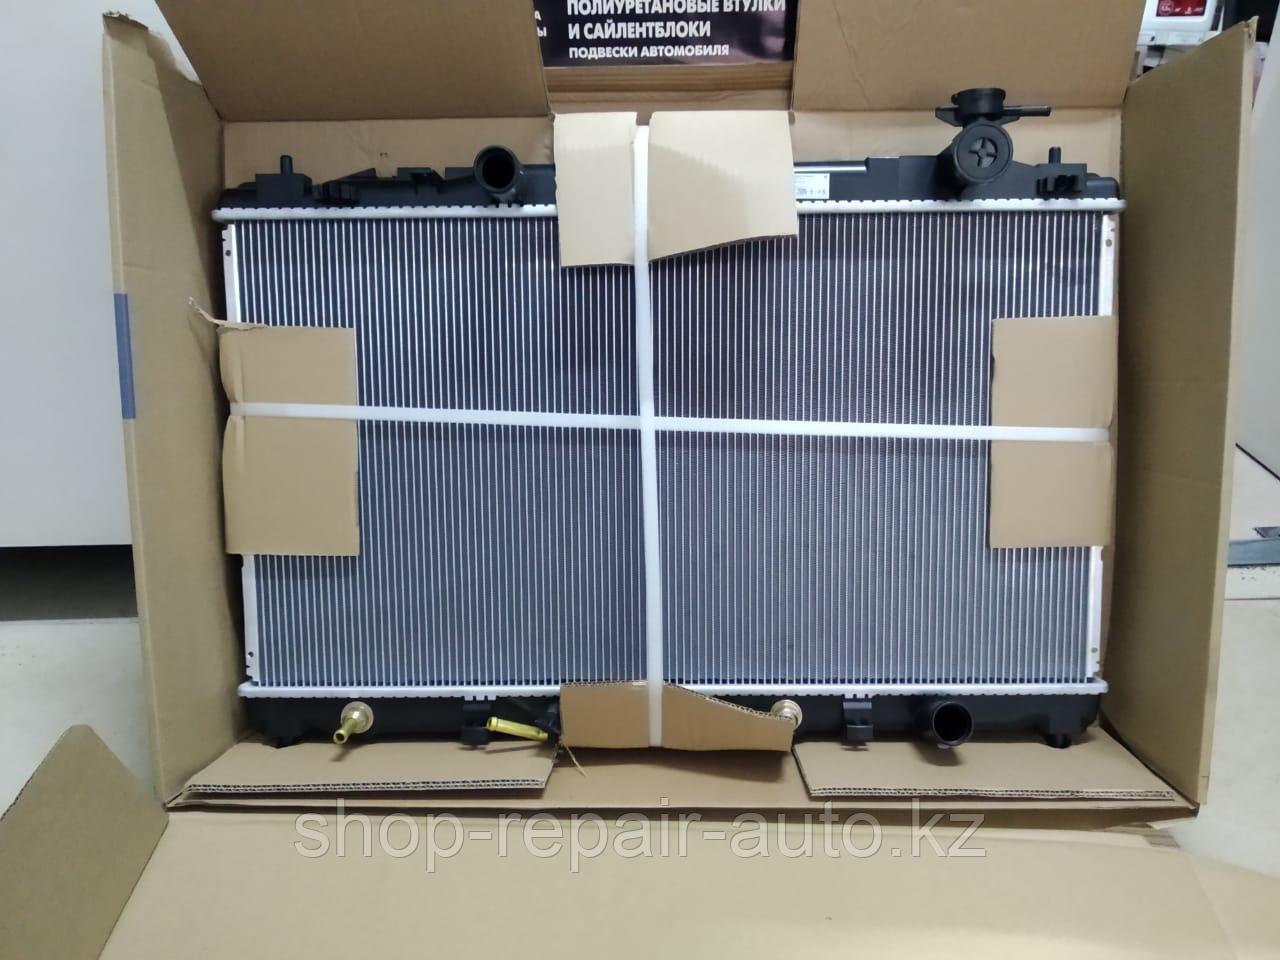 Радиатора охлаждения Toyota Camry 45 2.4 ; 2.5